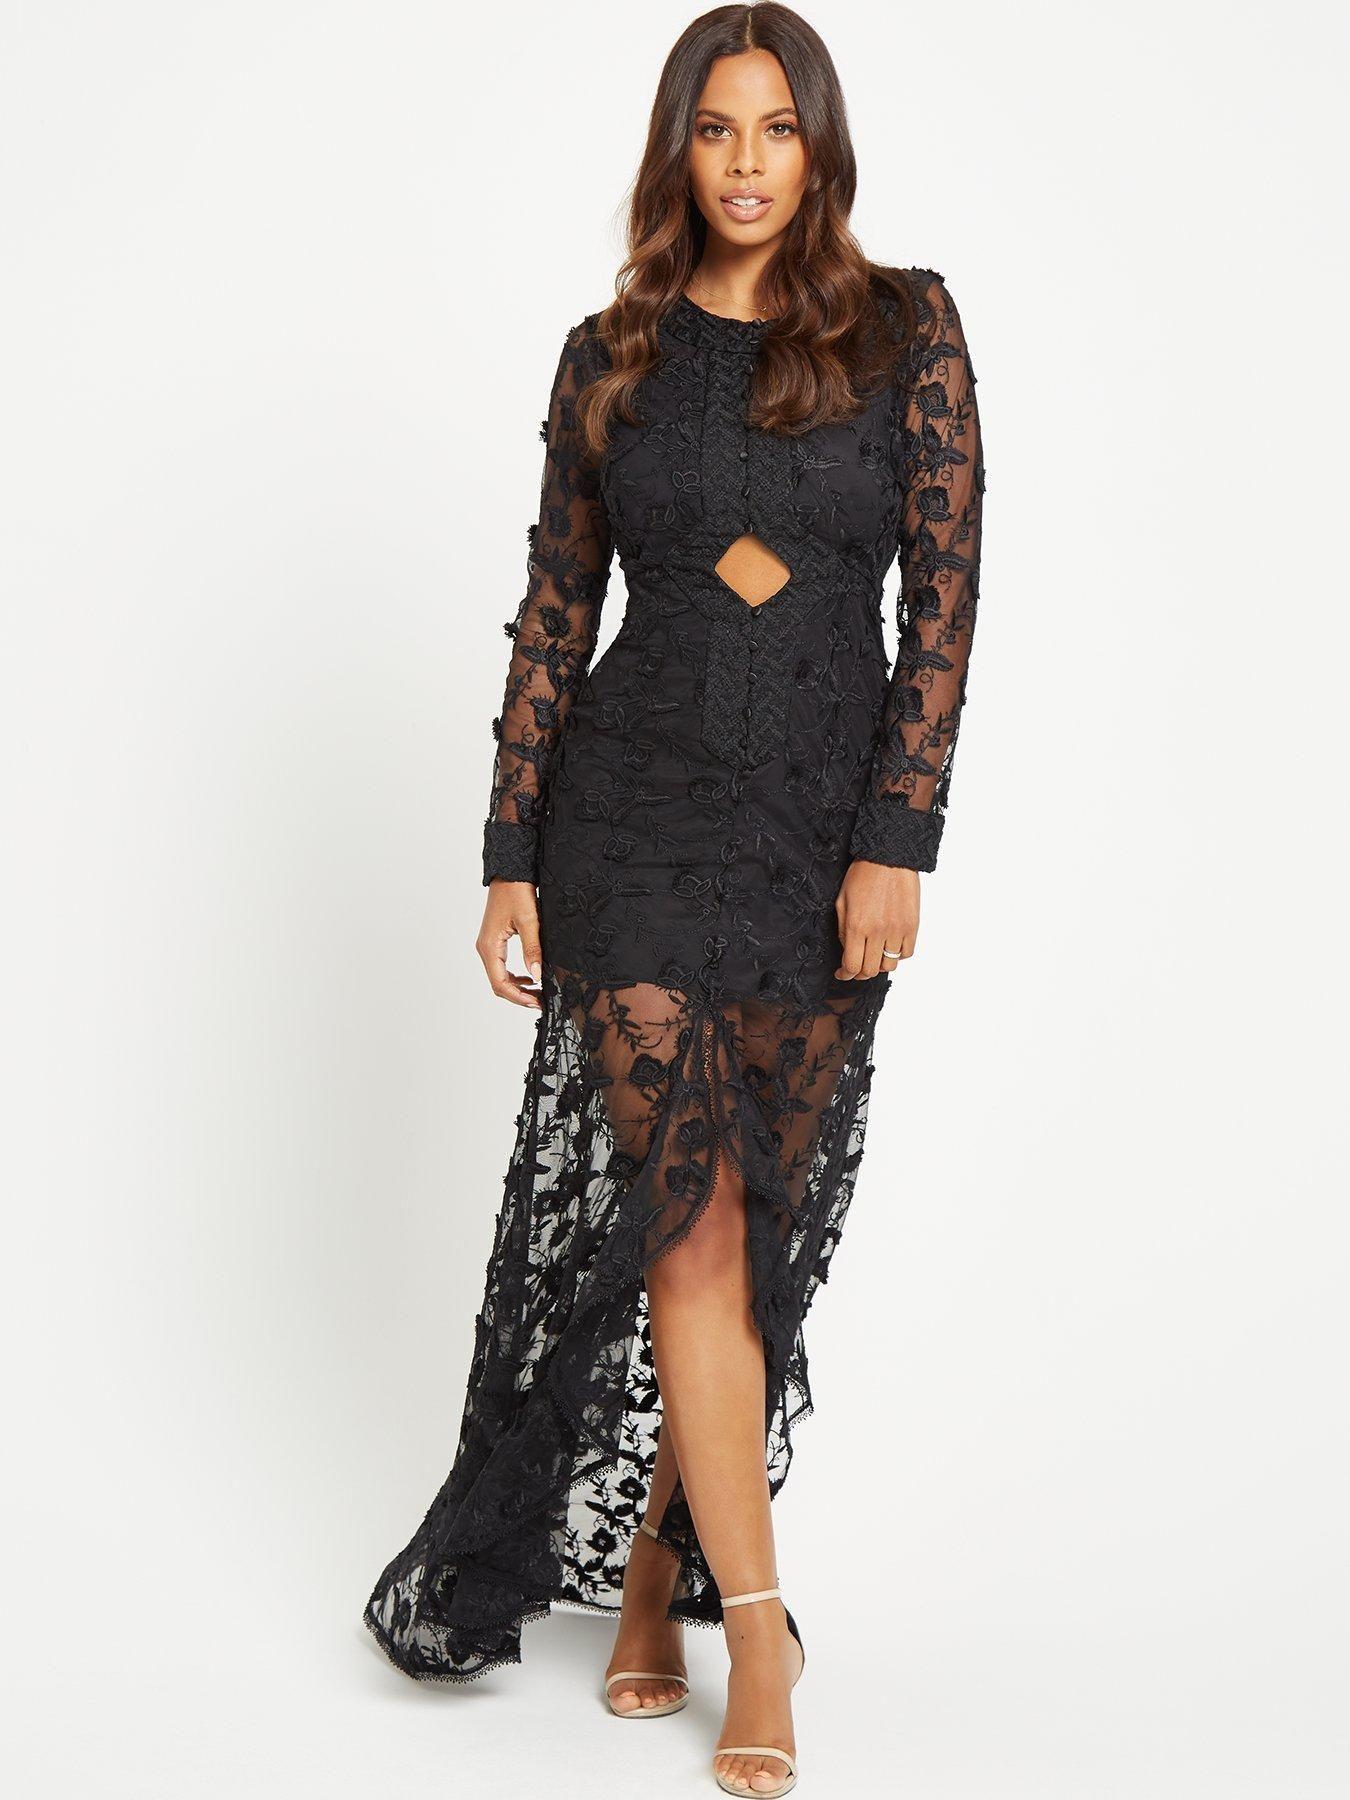 cd981da22 Black Lace Long Sleeve Fishtail Maxi Dress – Little Black Dress ...